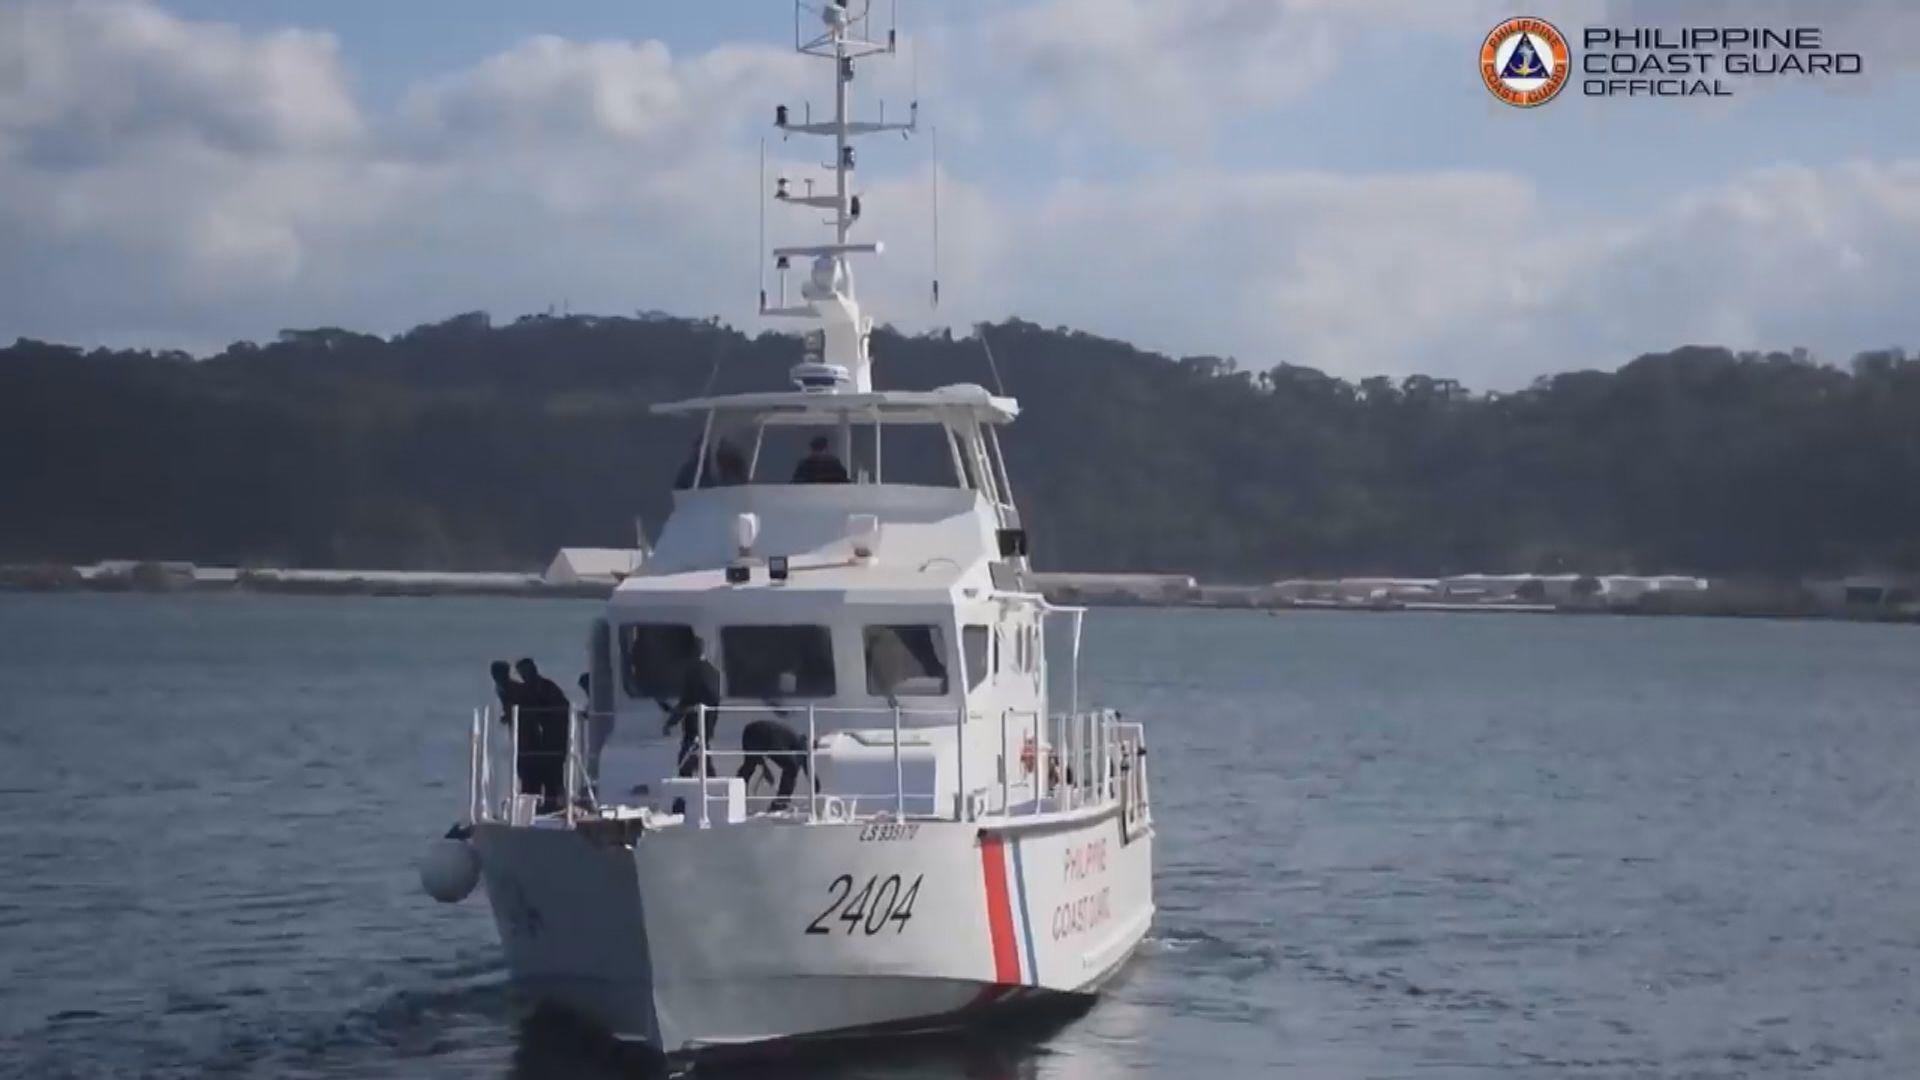 菲國防部長:不理中國反對 會繼續南海進行巡邏